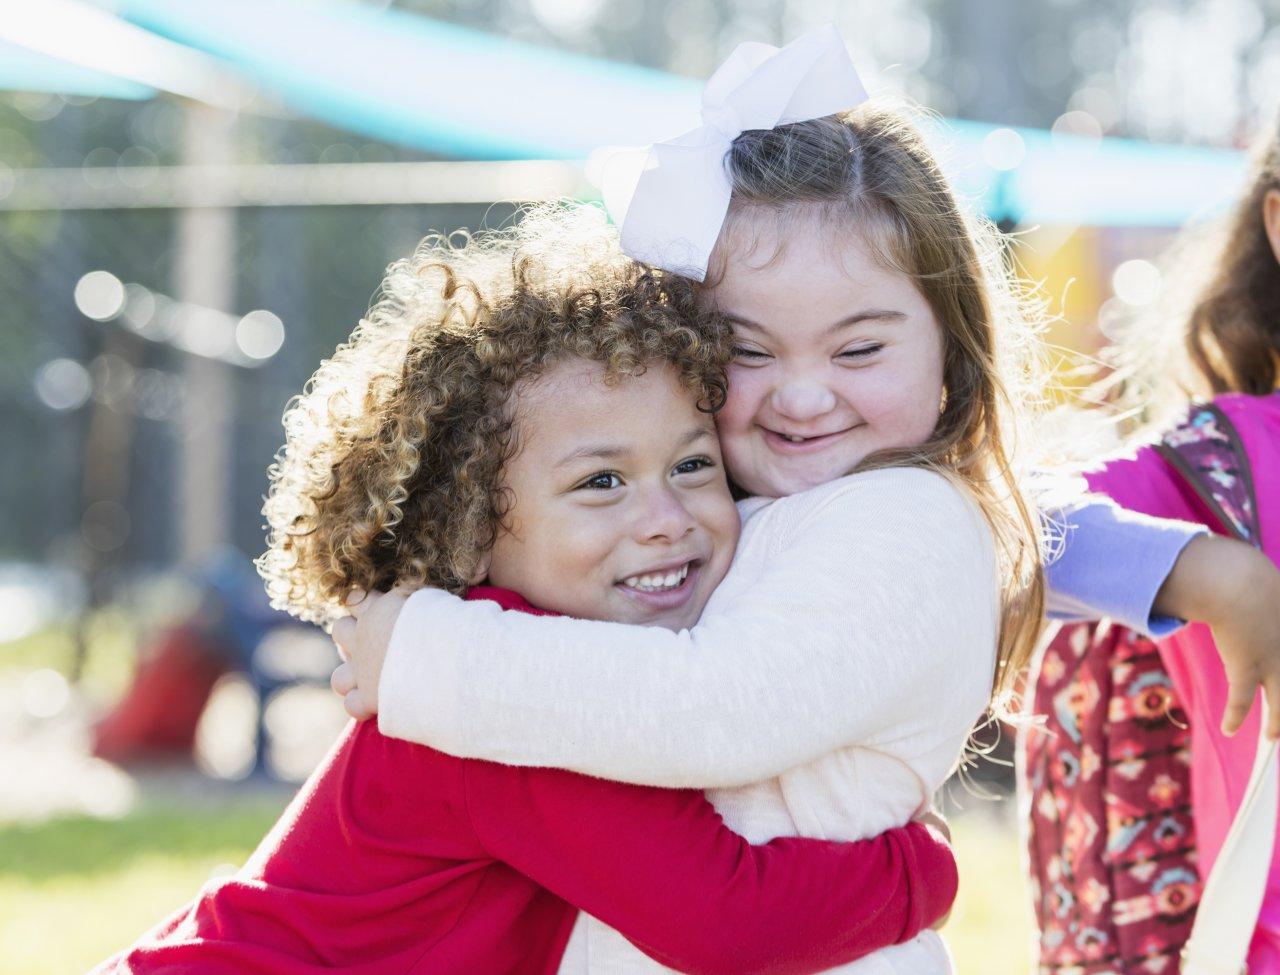 Bild zeigt zwei junge Kinder, die sich liebevoll umarmen.